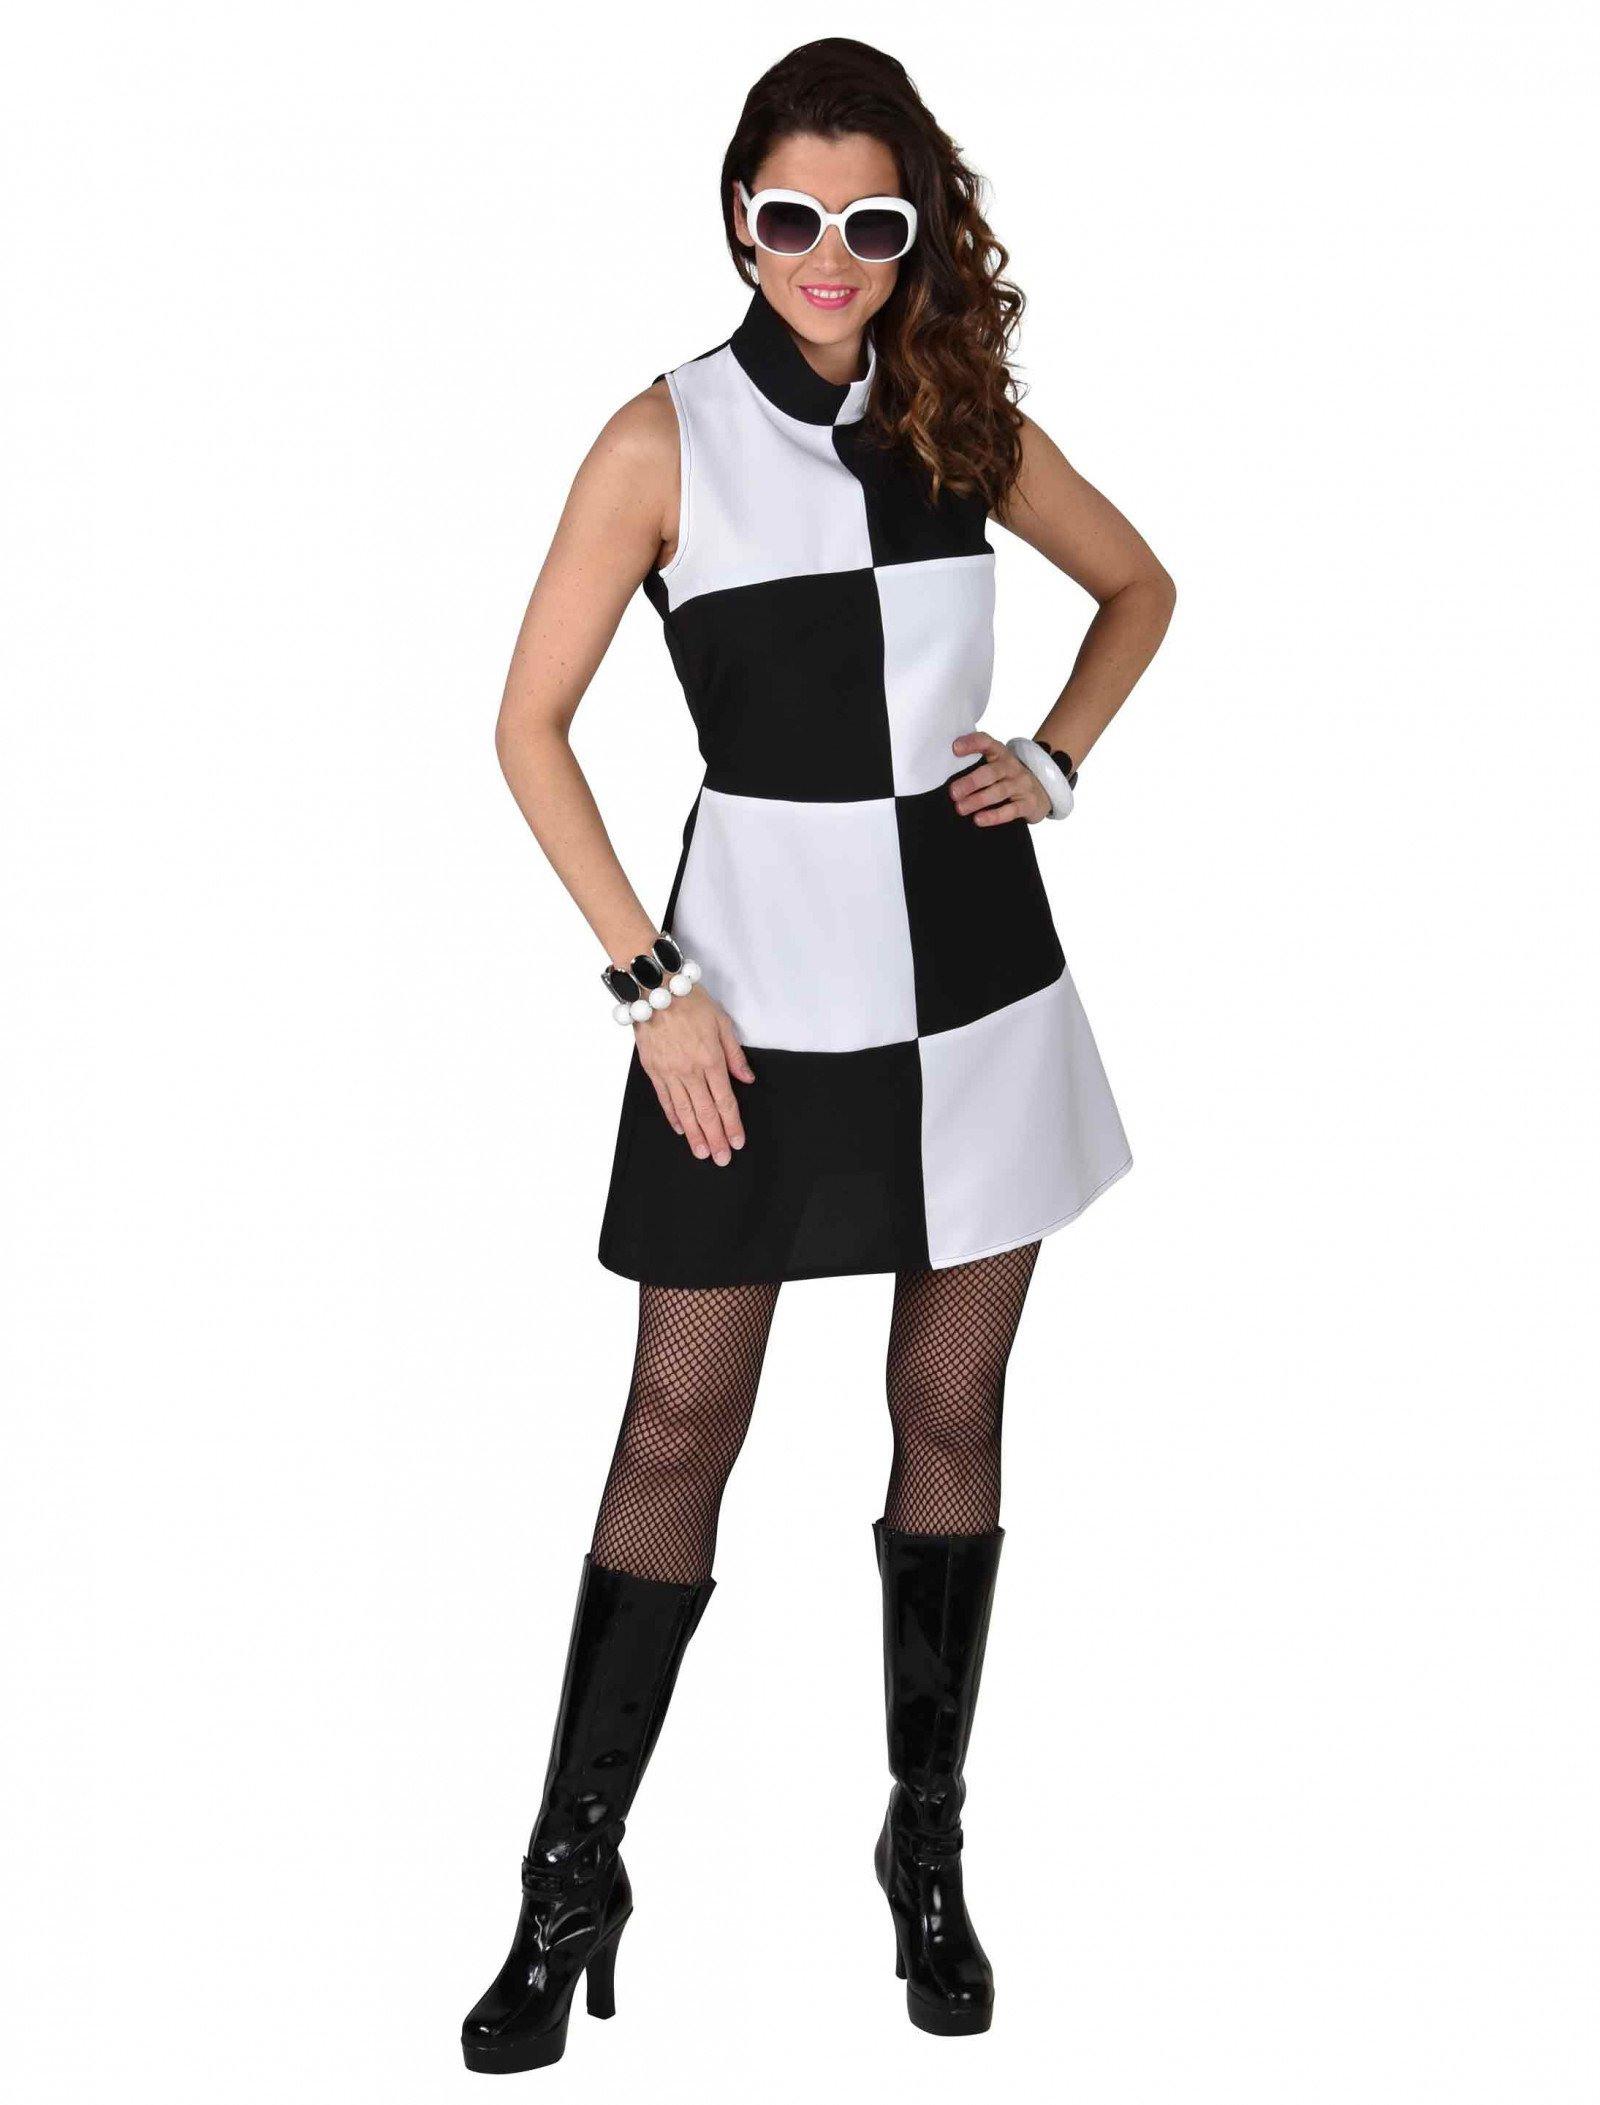 15 Einzigartig Kleid Schwarz Weiß DesignDesigner Perfekt Kleid Schwarz Weiß Stylish